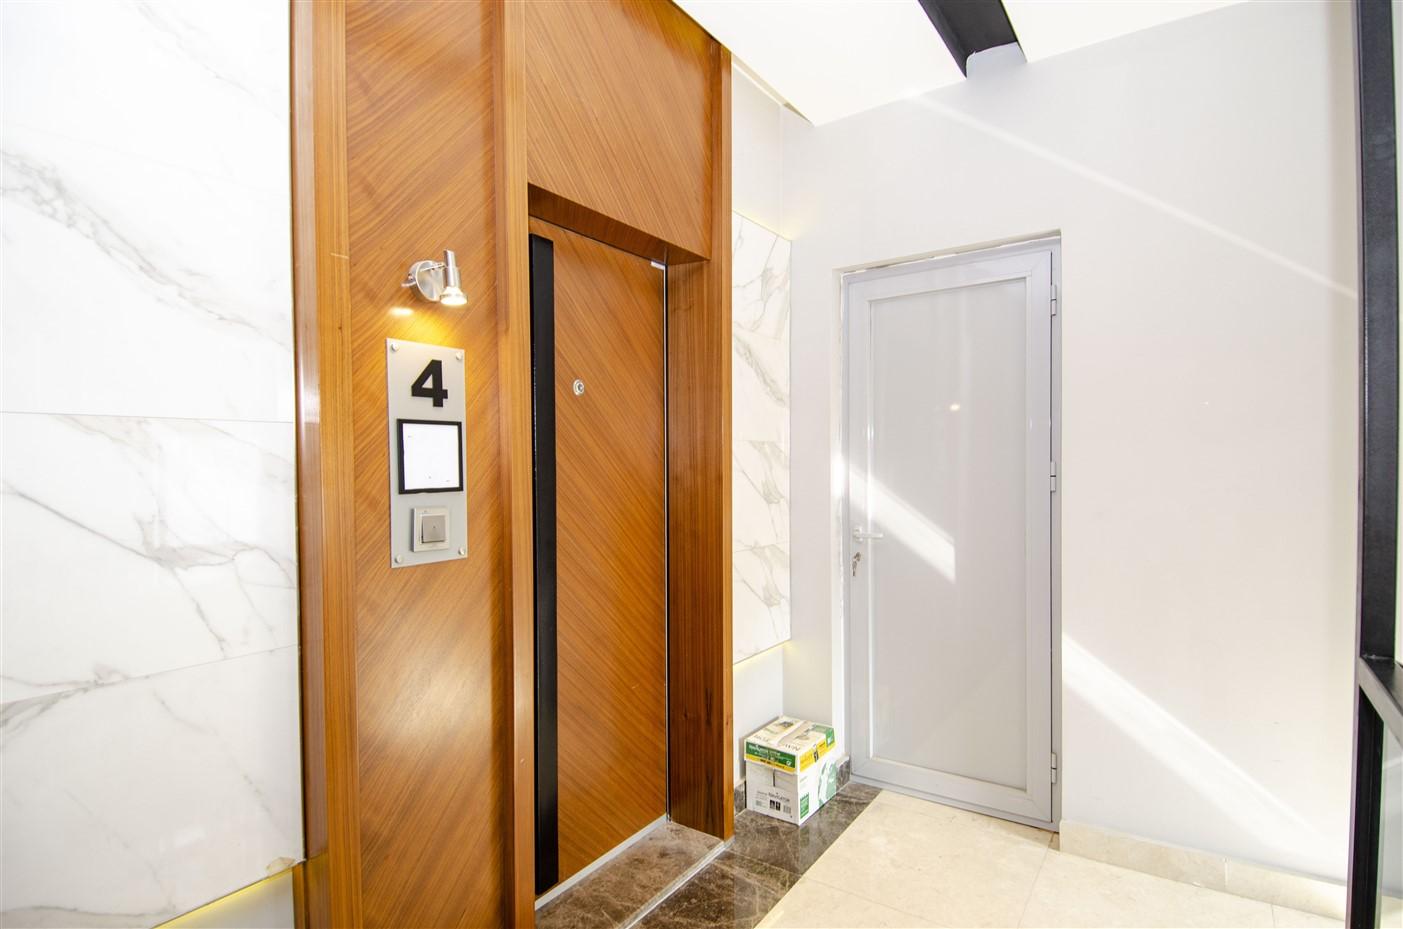 Новые апартаменты 2+1 в центре Анталии - Фото 2